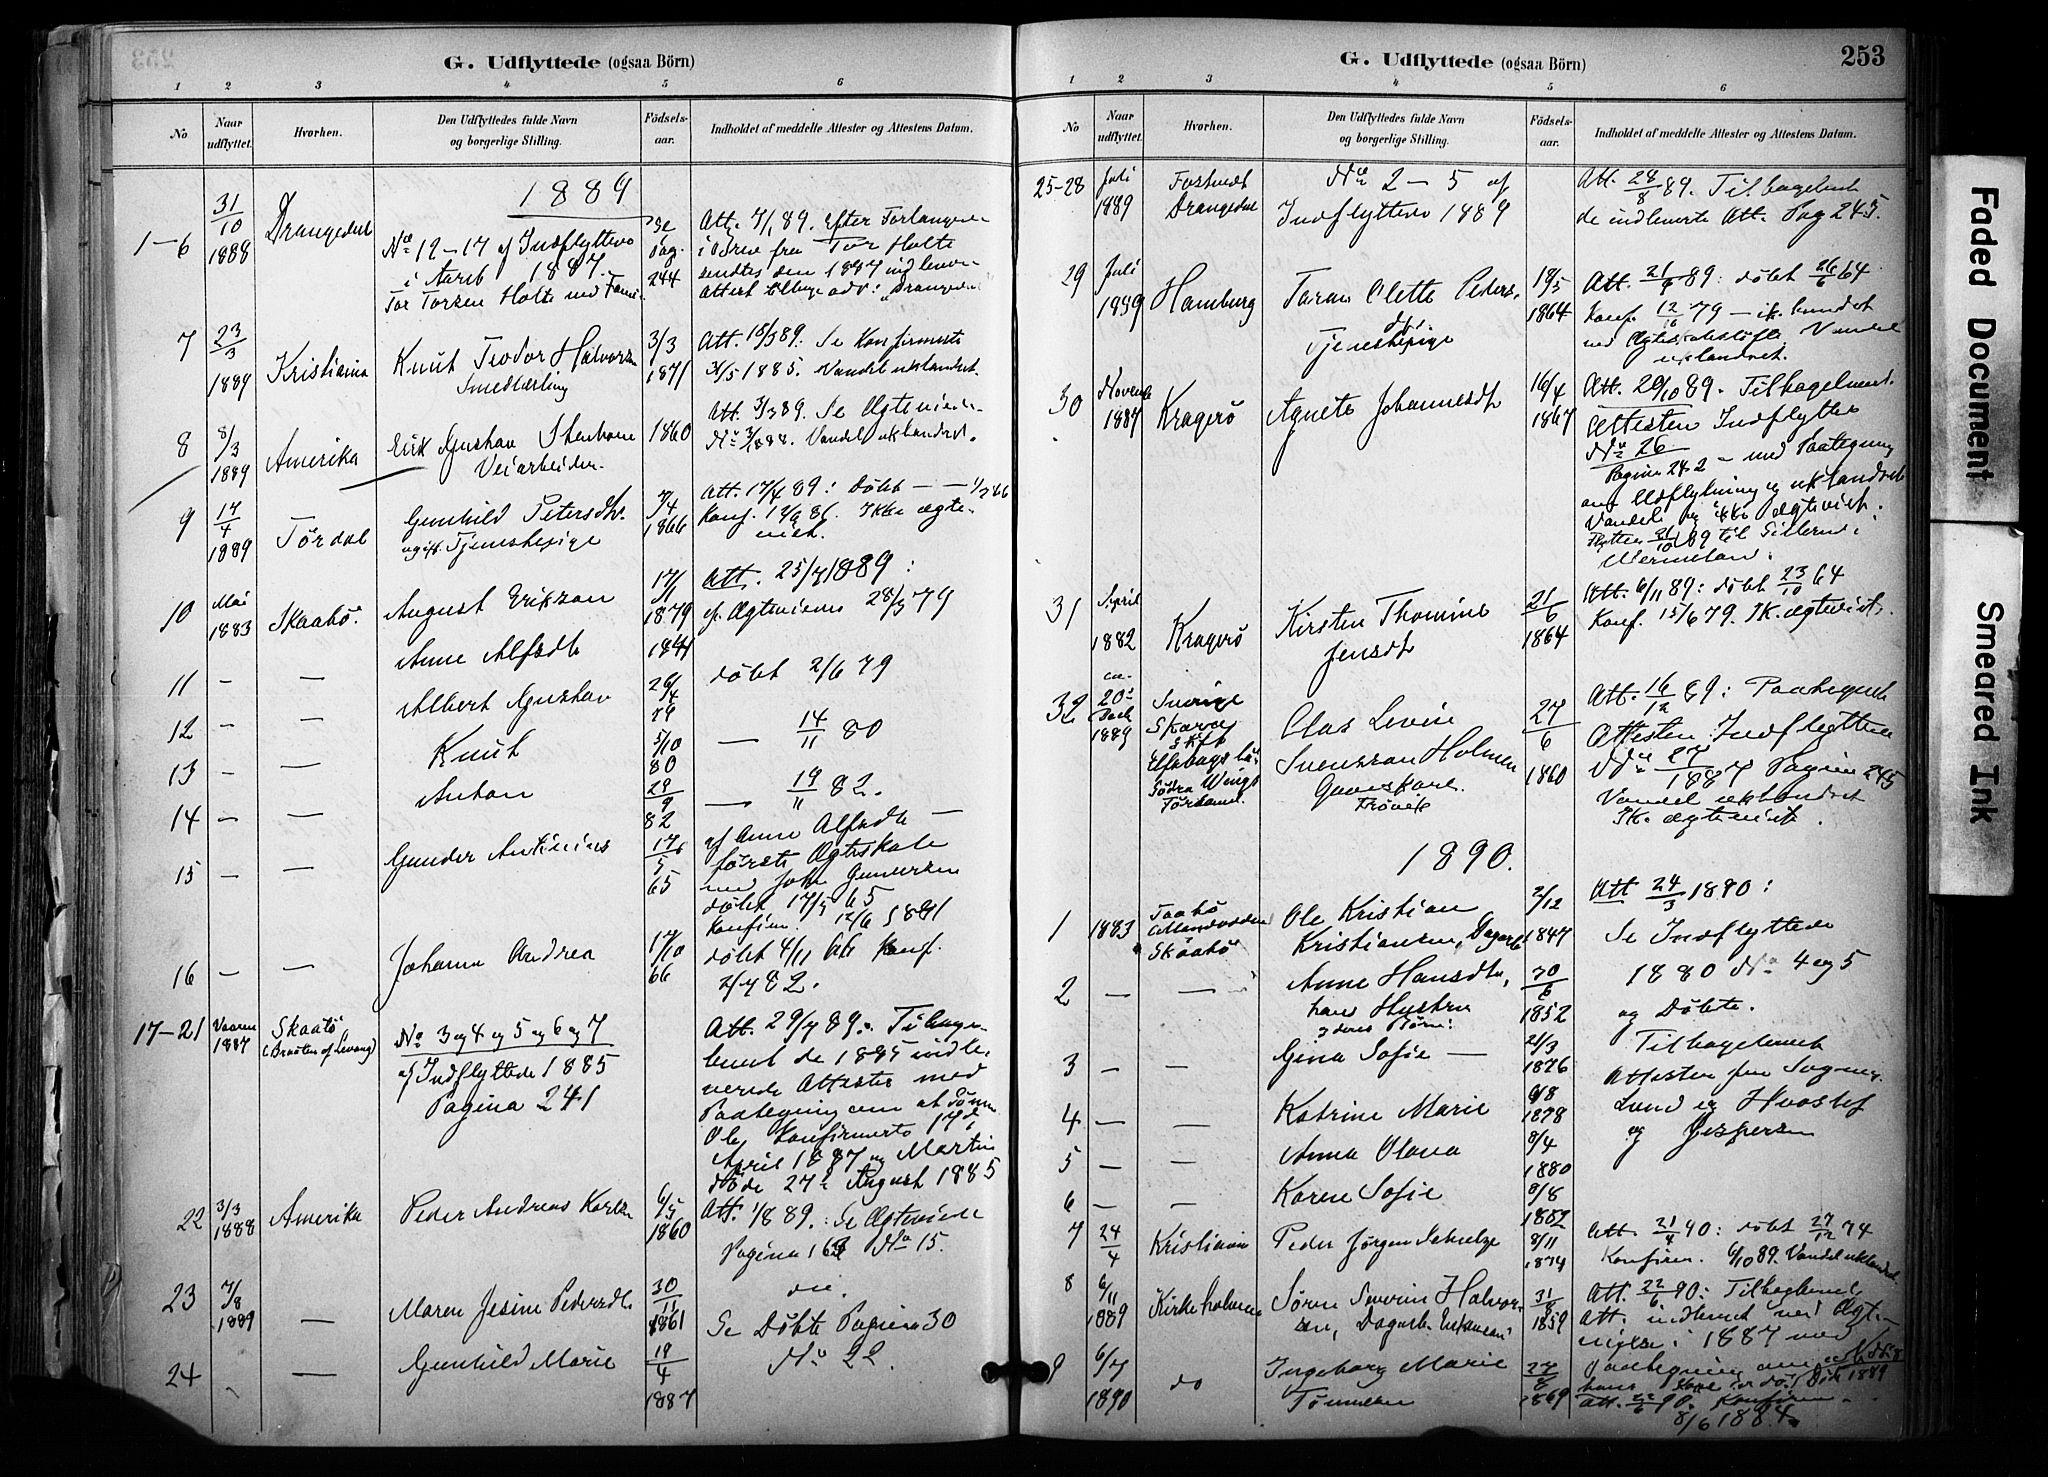 SAKO, Sannidal kirkebøker, F/Fa/L0015: Ministerialbok nr. 15, 1884-1899, s. 253